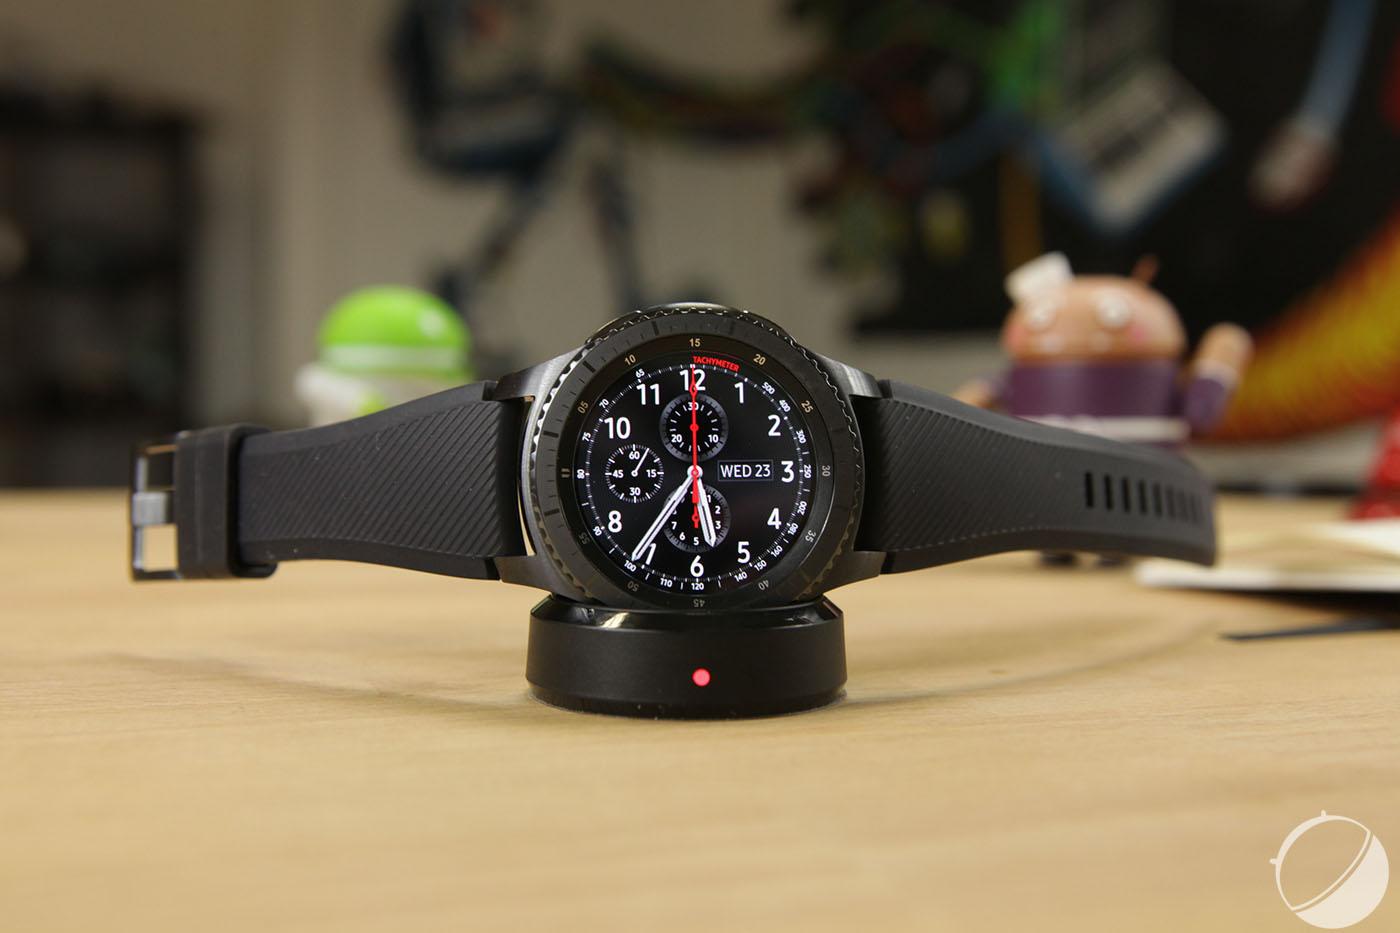 Samsung Gear S3 : tout ce qu'il faut savoir